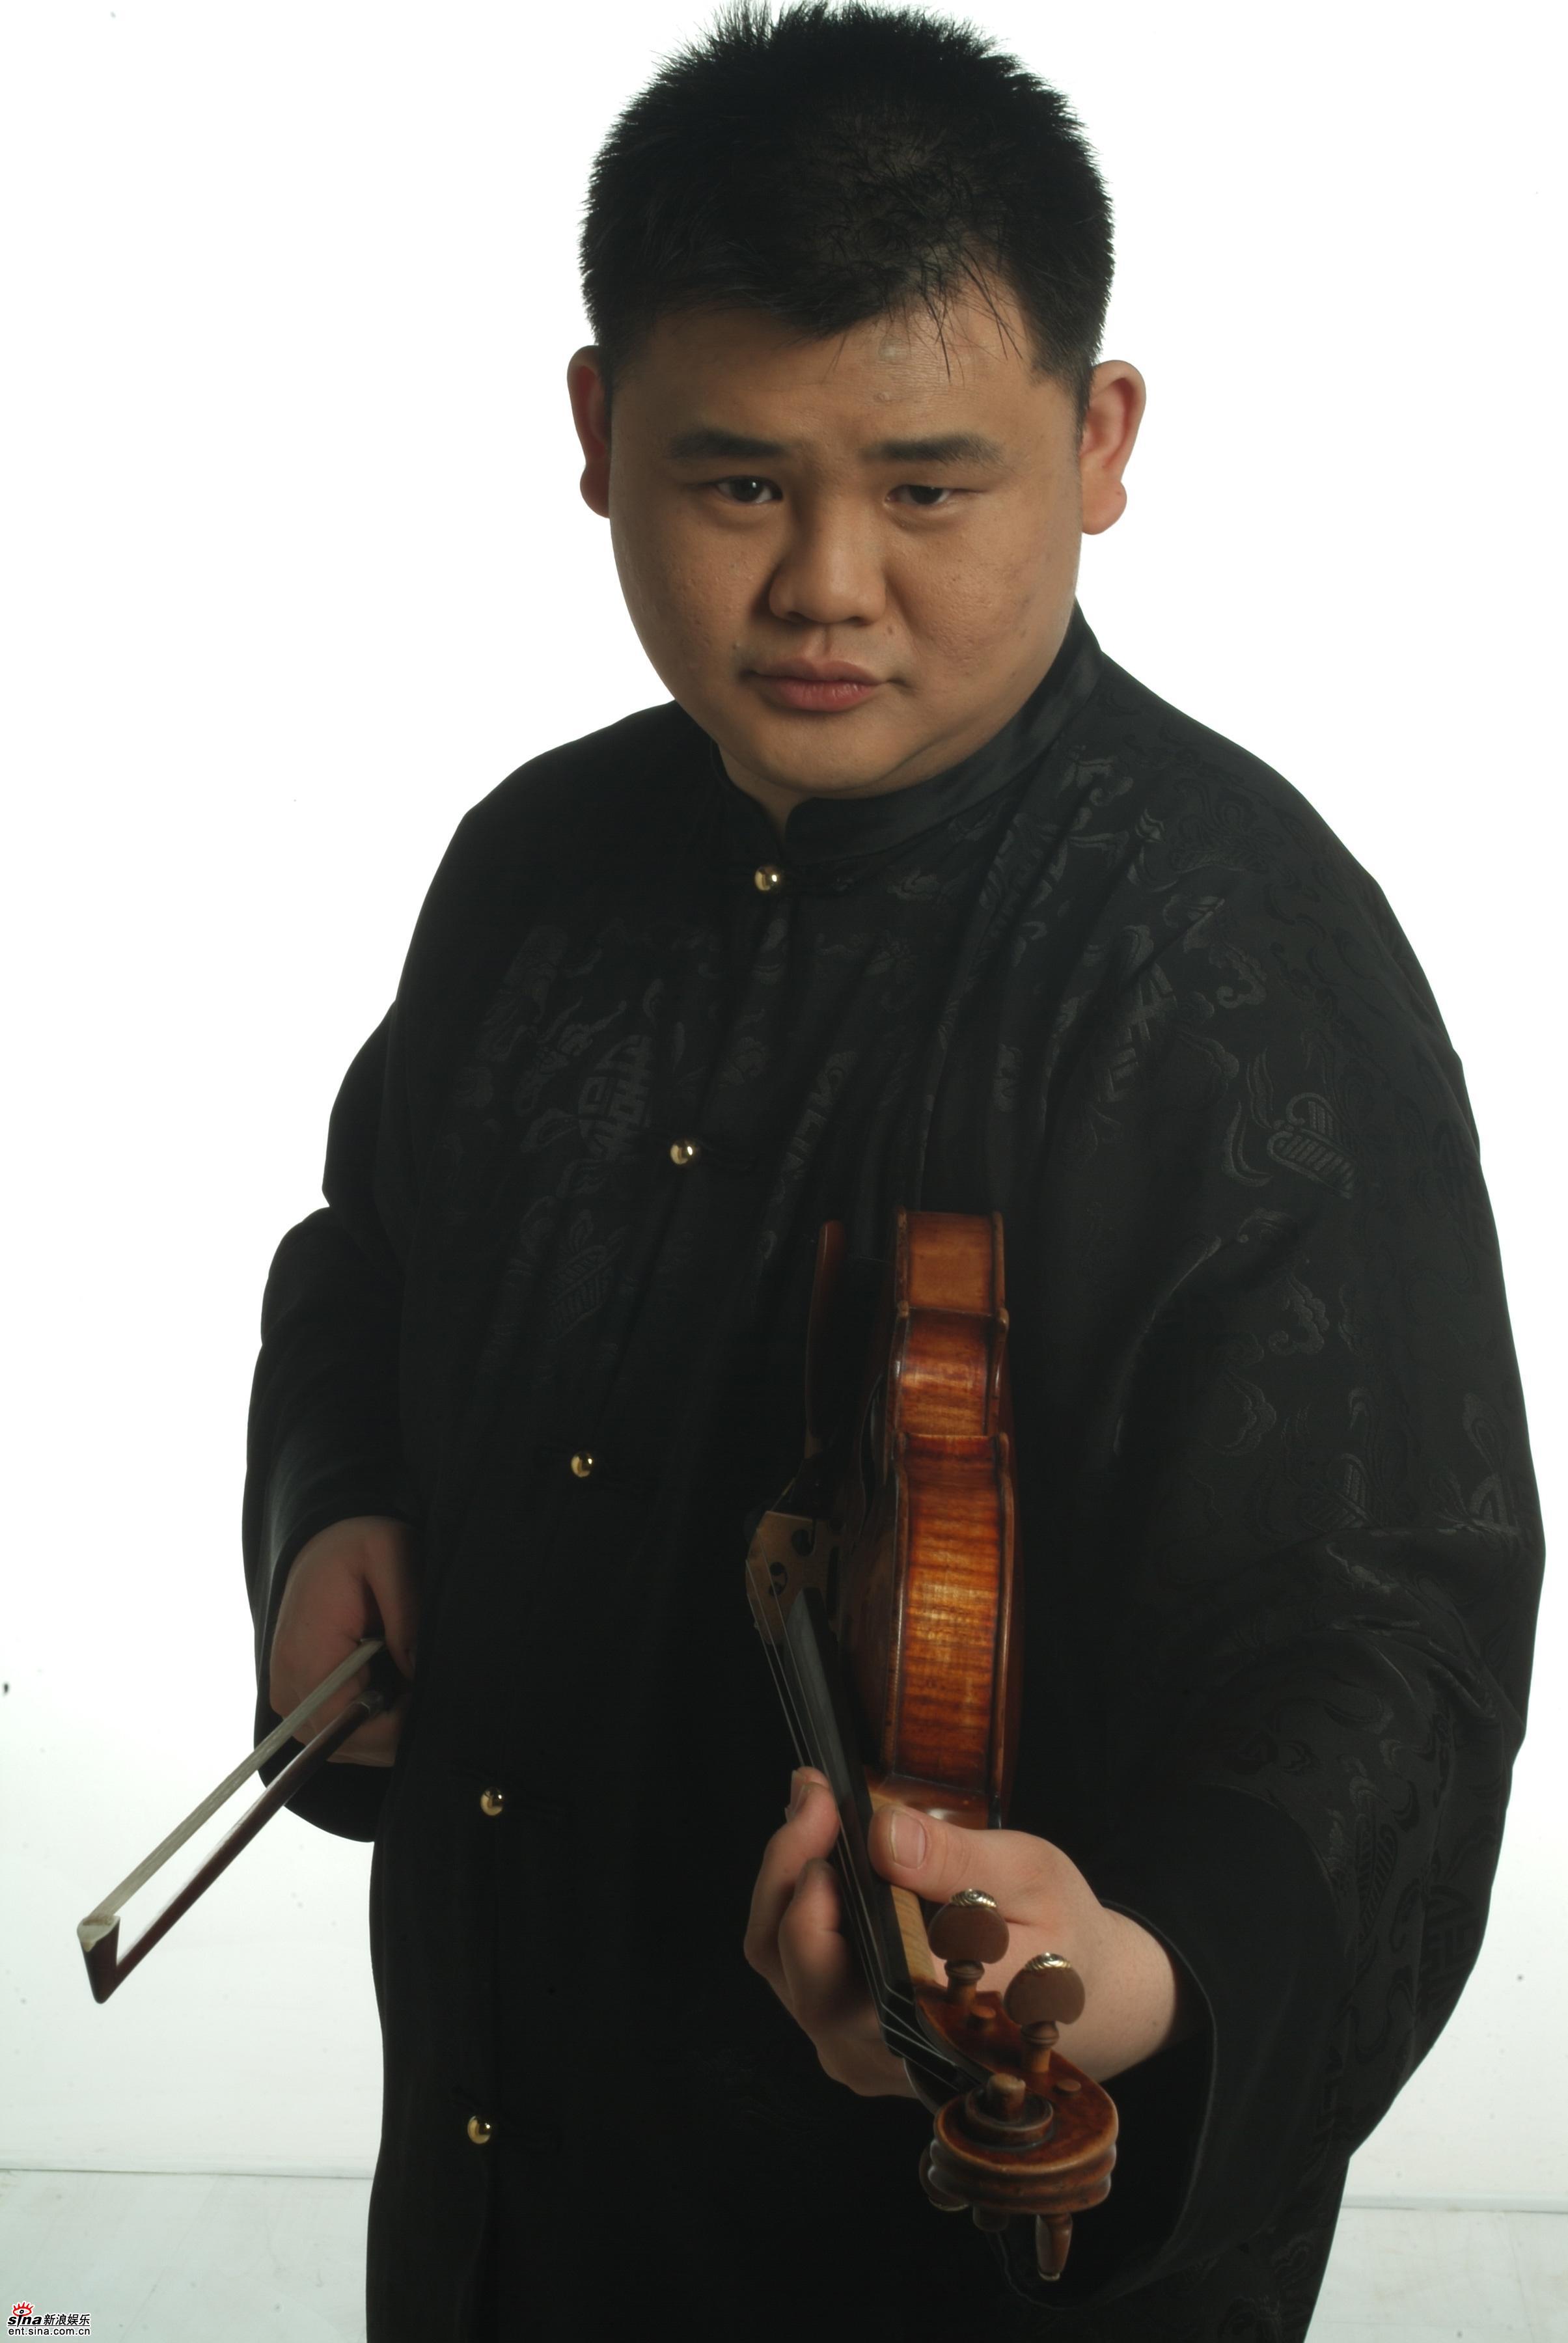 资料图片:中法文化交流之春-音乐(10)